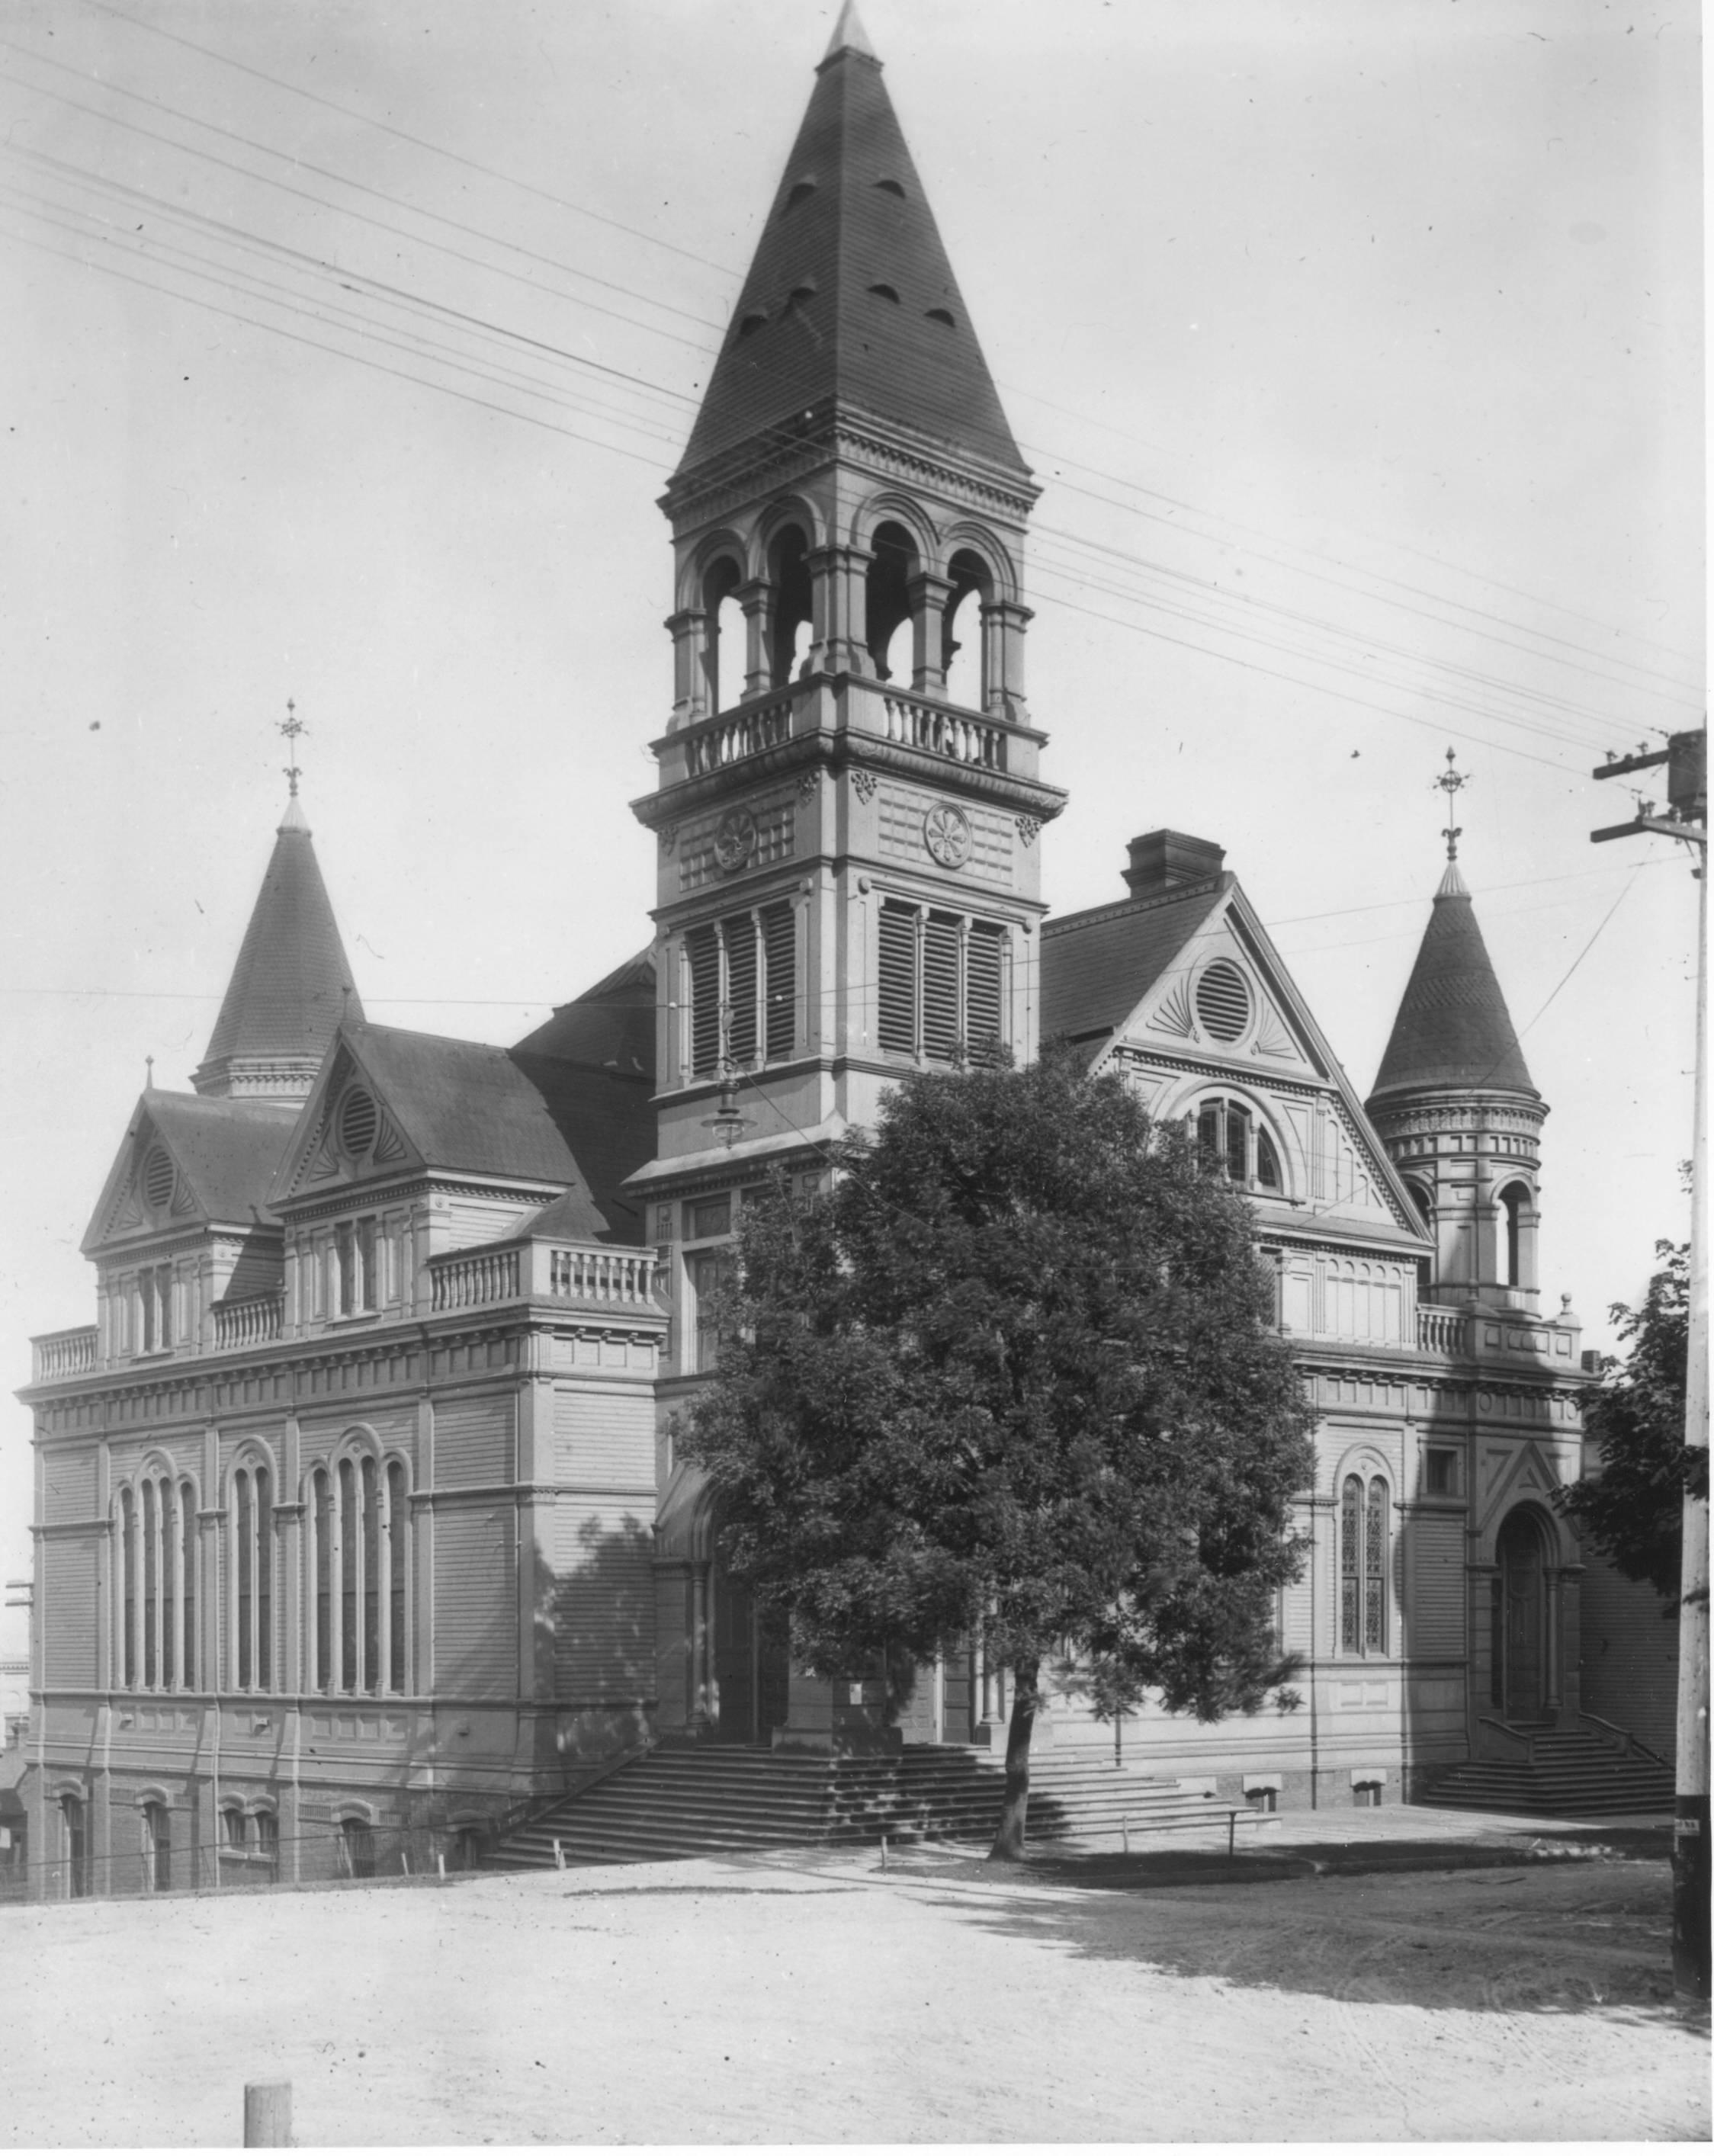 First Presbyterian Church (built 1890)